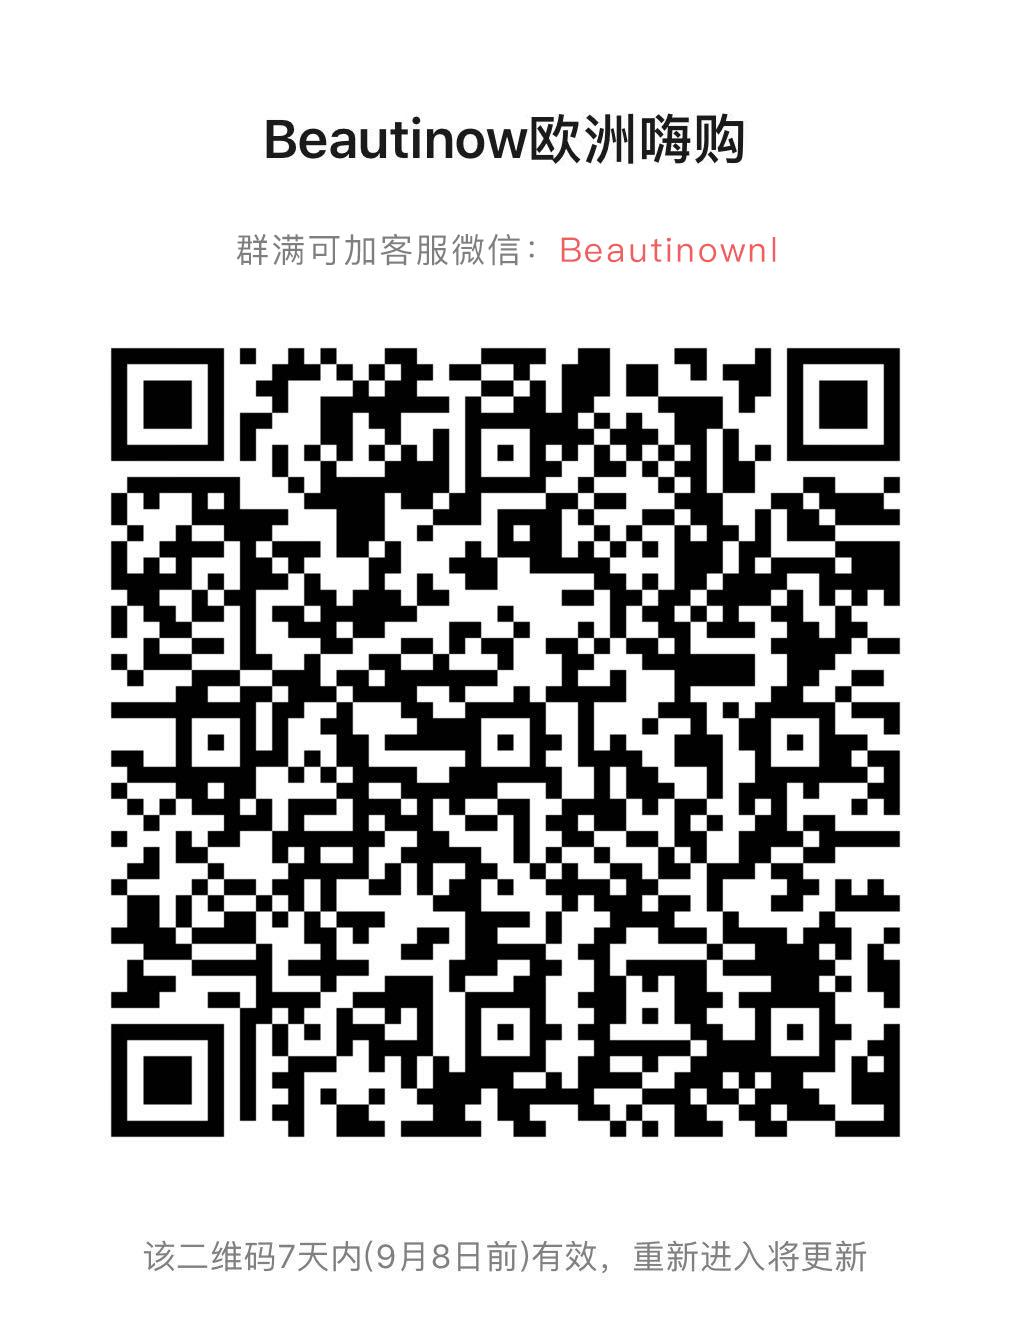 微信图片_20200901092307.jpg